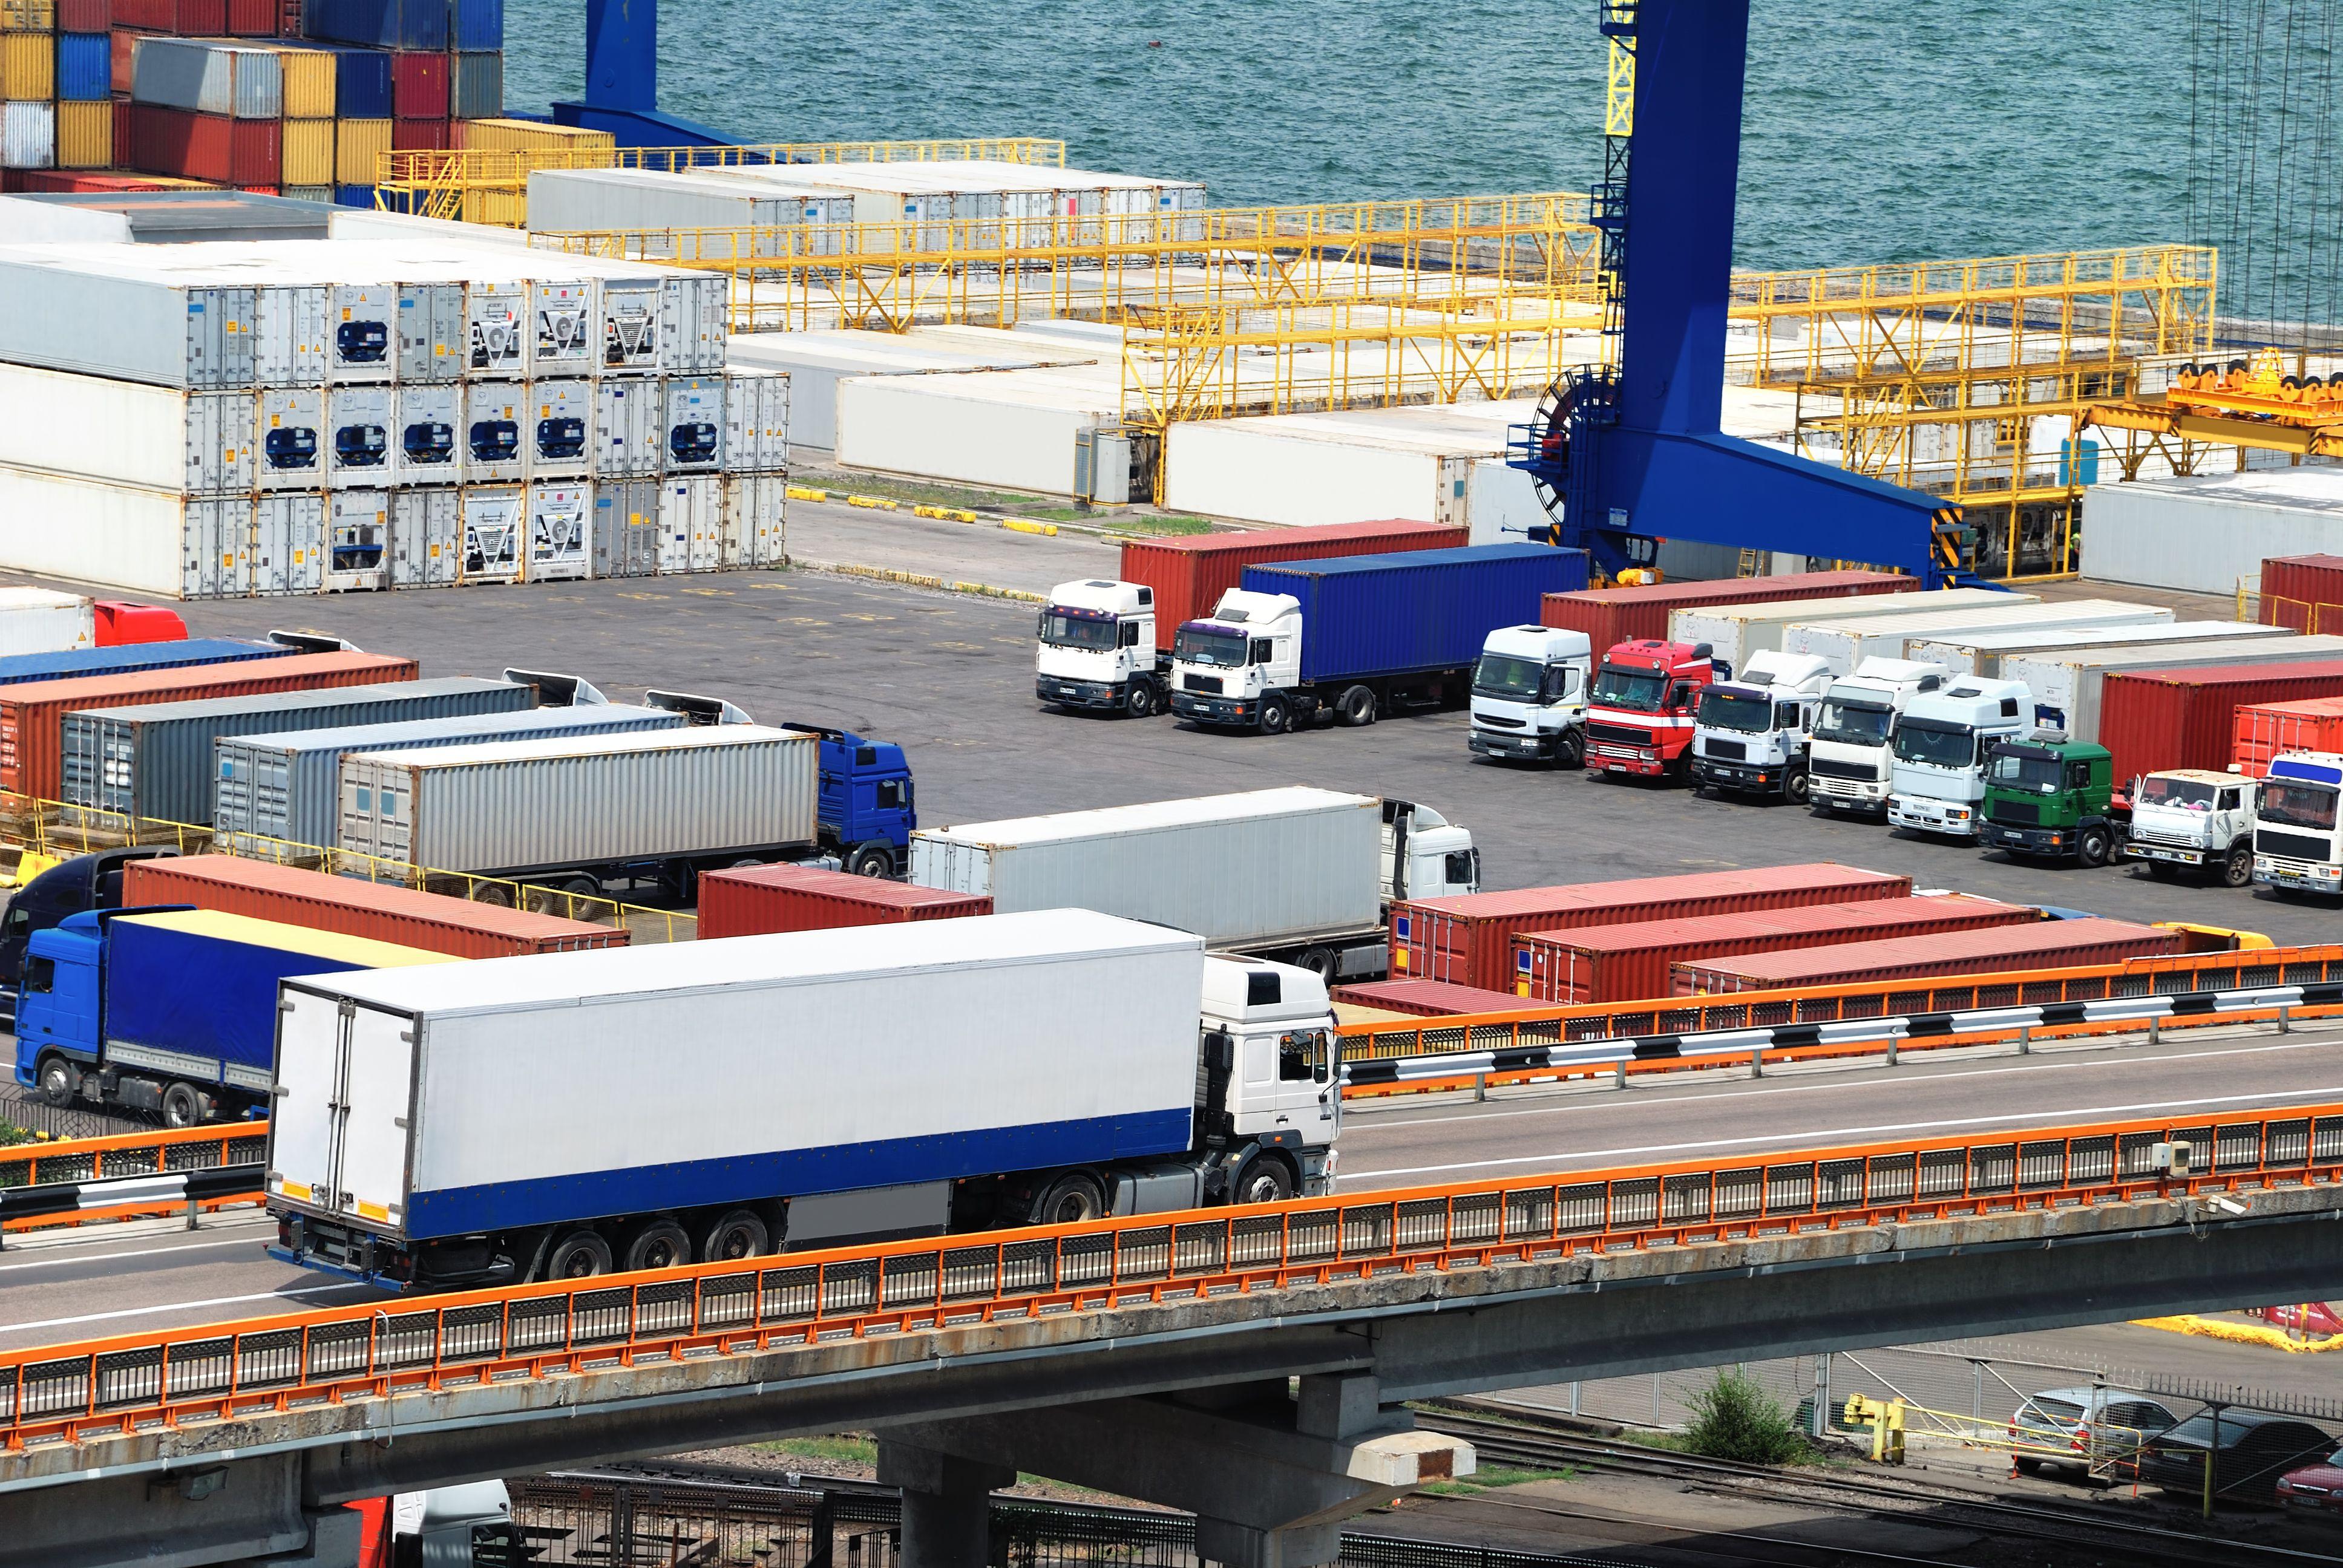 Podwyżka dodatkowej opłaty transportowej